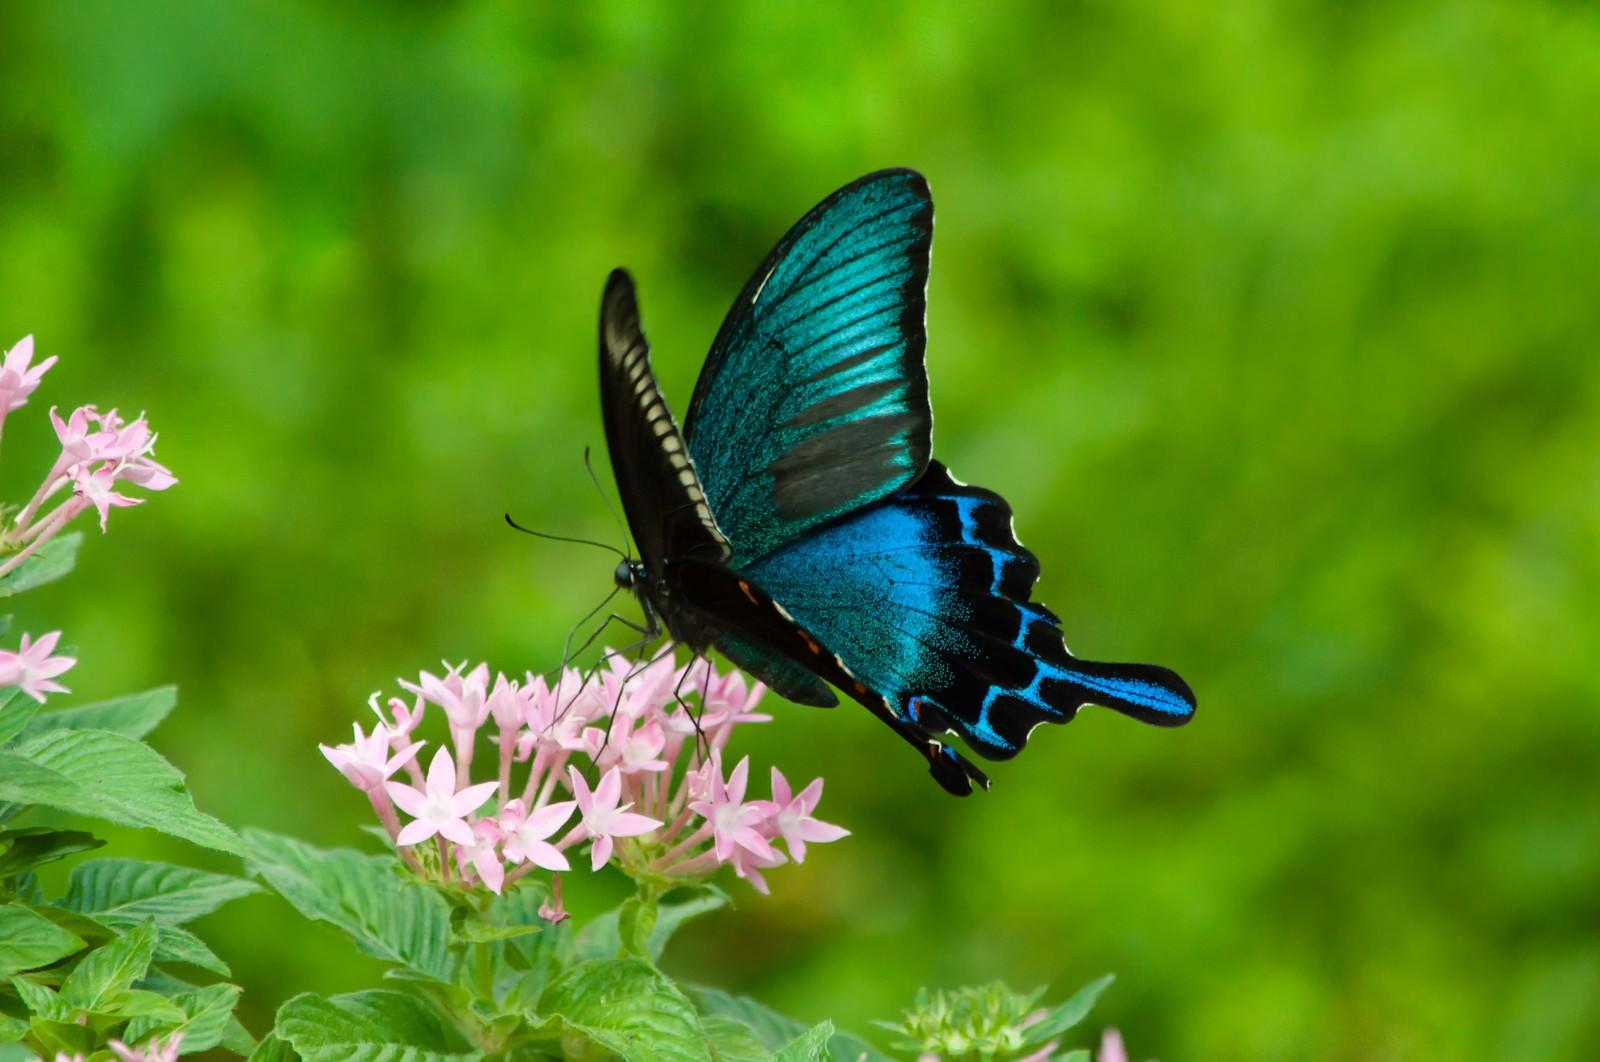 「カラスアゲハ(蝶) | 写真の無料素材・フリー素材 - ぱくたそ」の写真